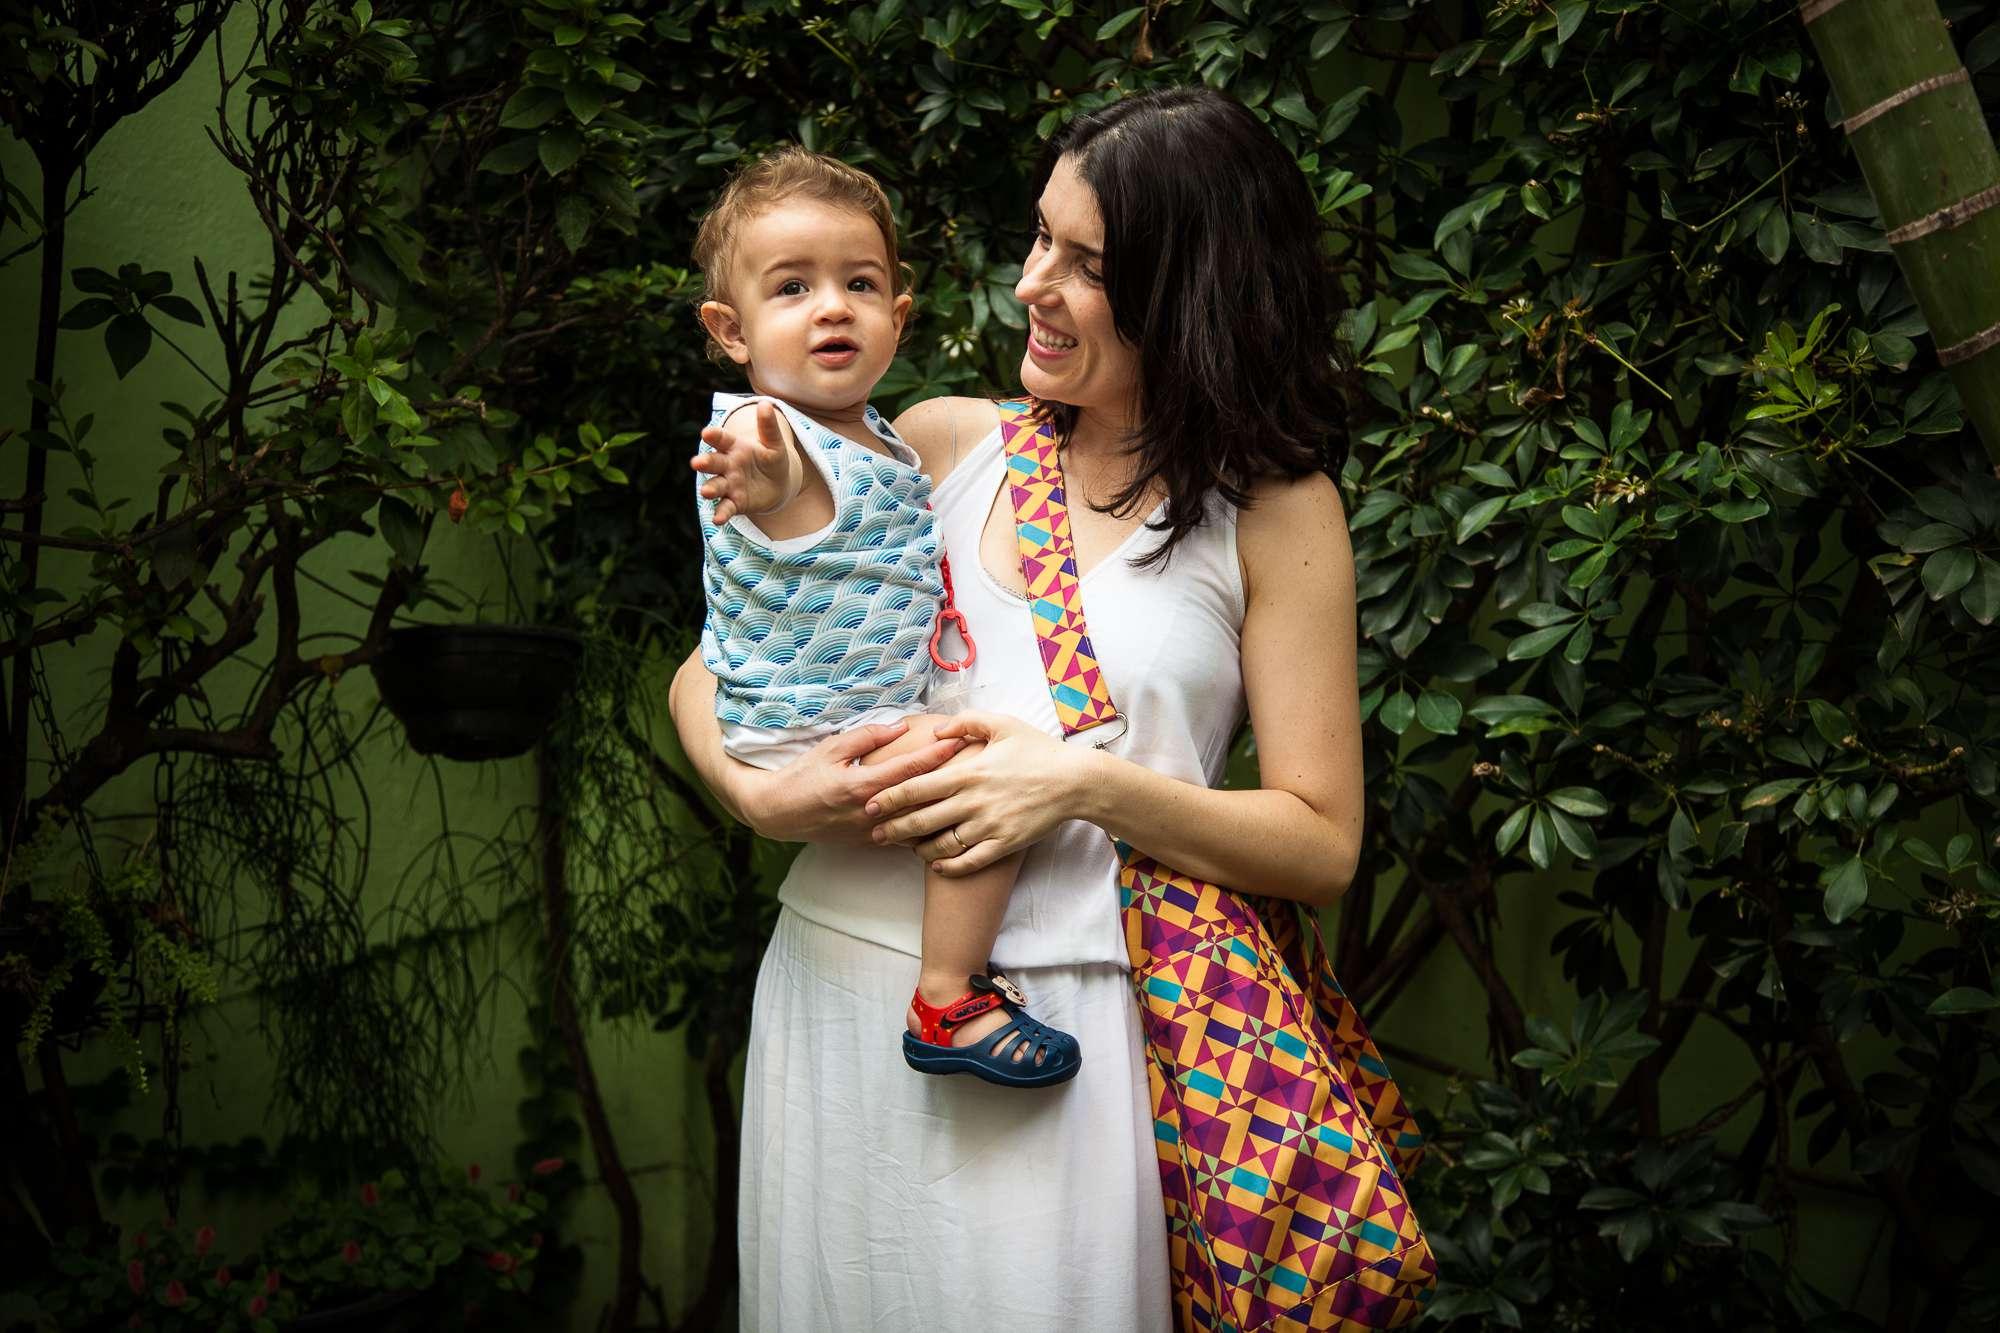 Bolsa para bebê - Sacola Bebêchila Bola Estrelada